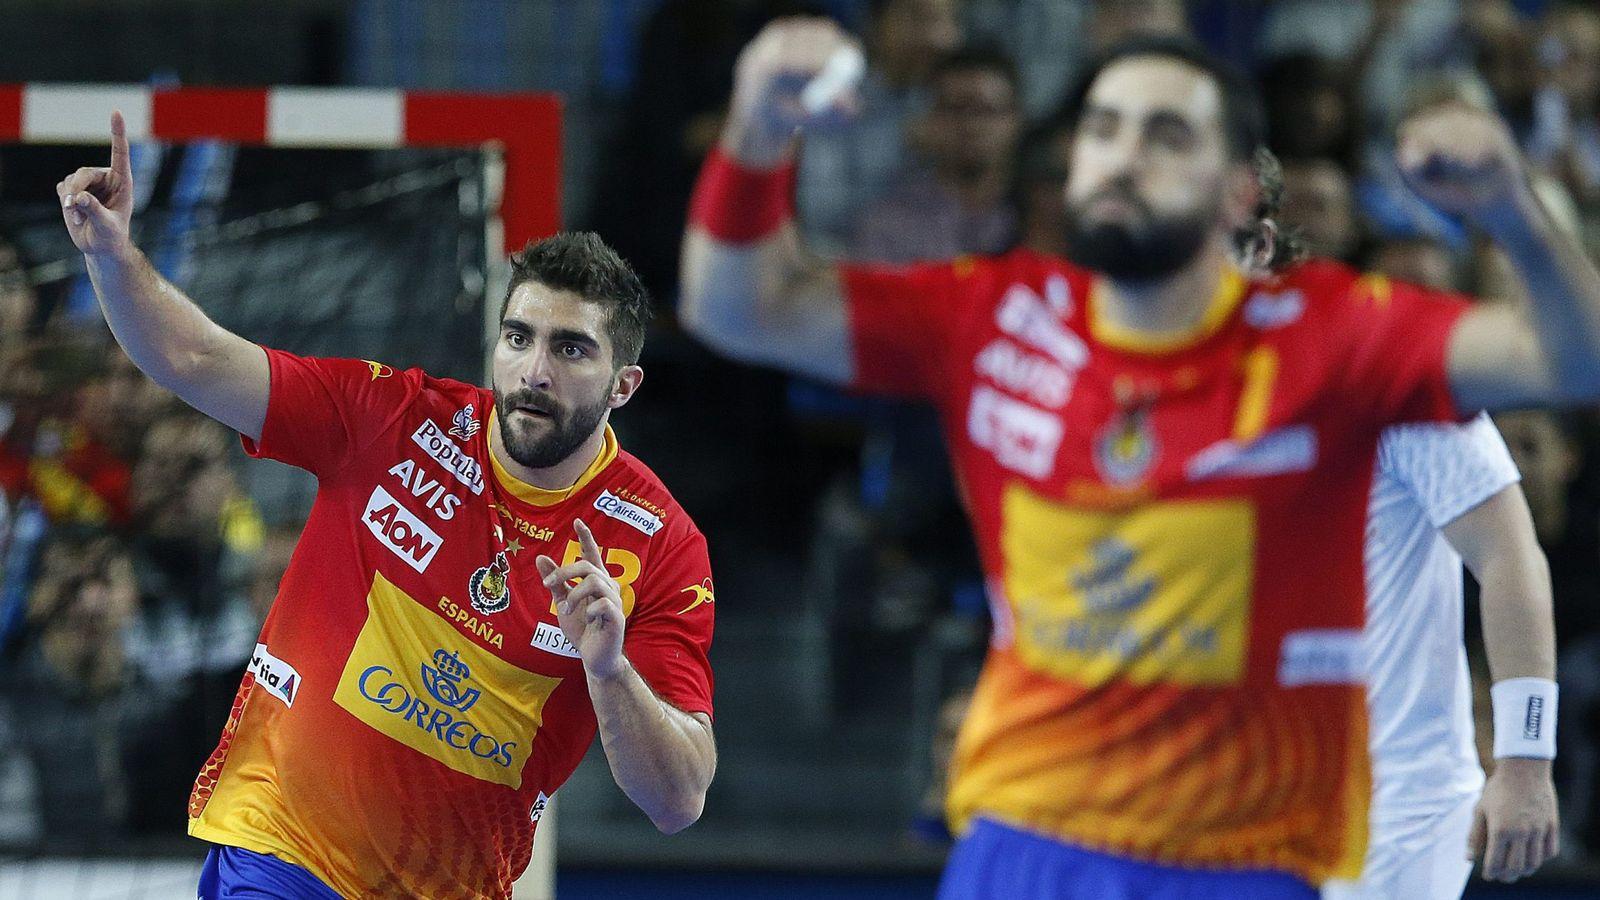 Foto: David Balaguer está siendo de uno de los mejores de España en el Mundial (Guillaume Horcajuelo/EFE)